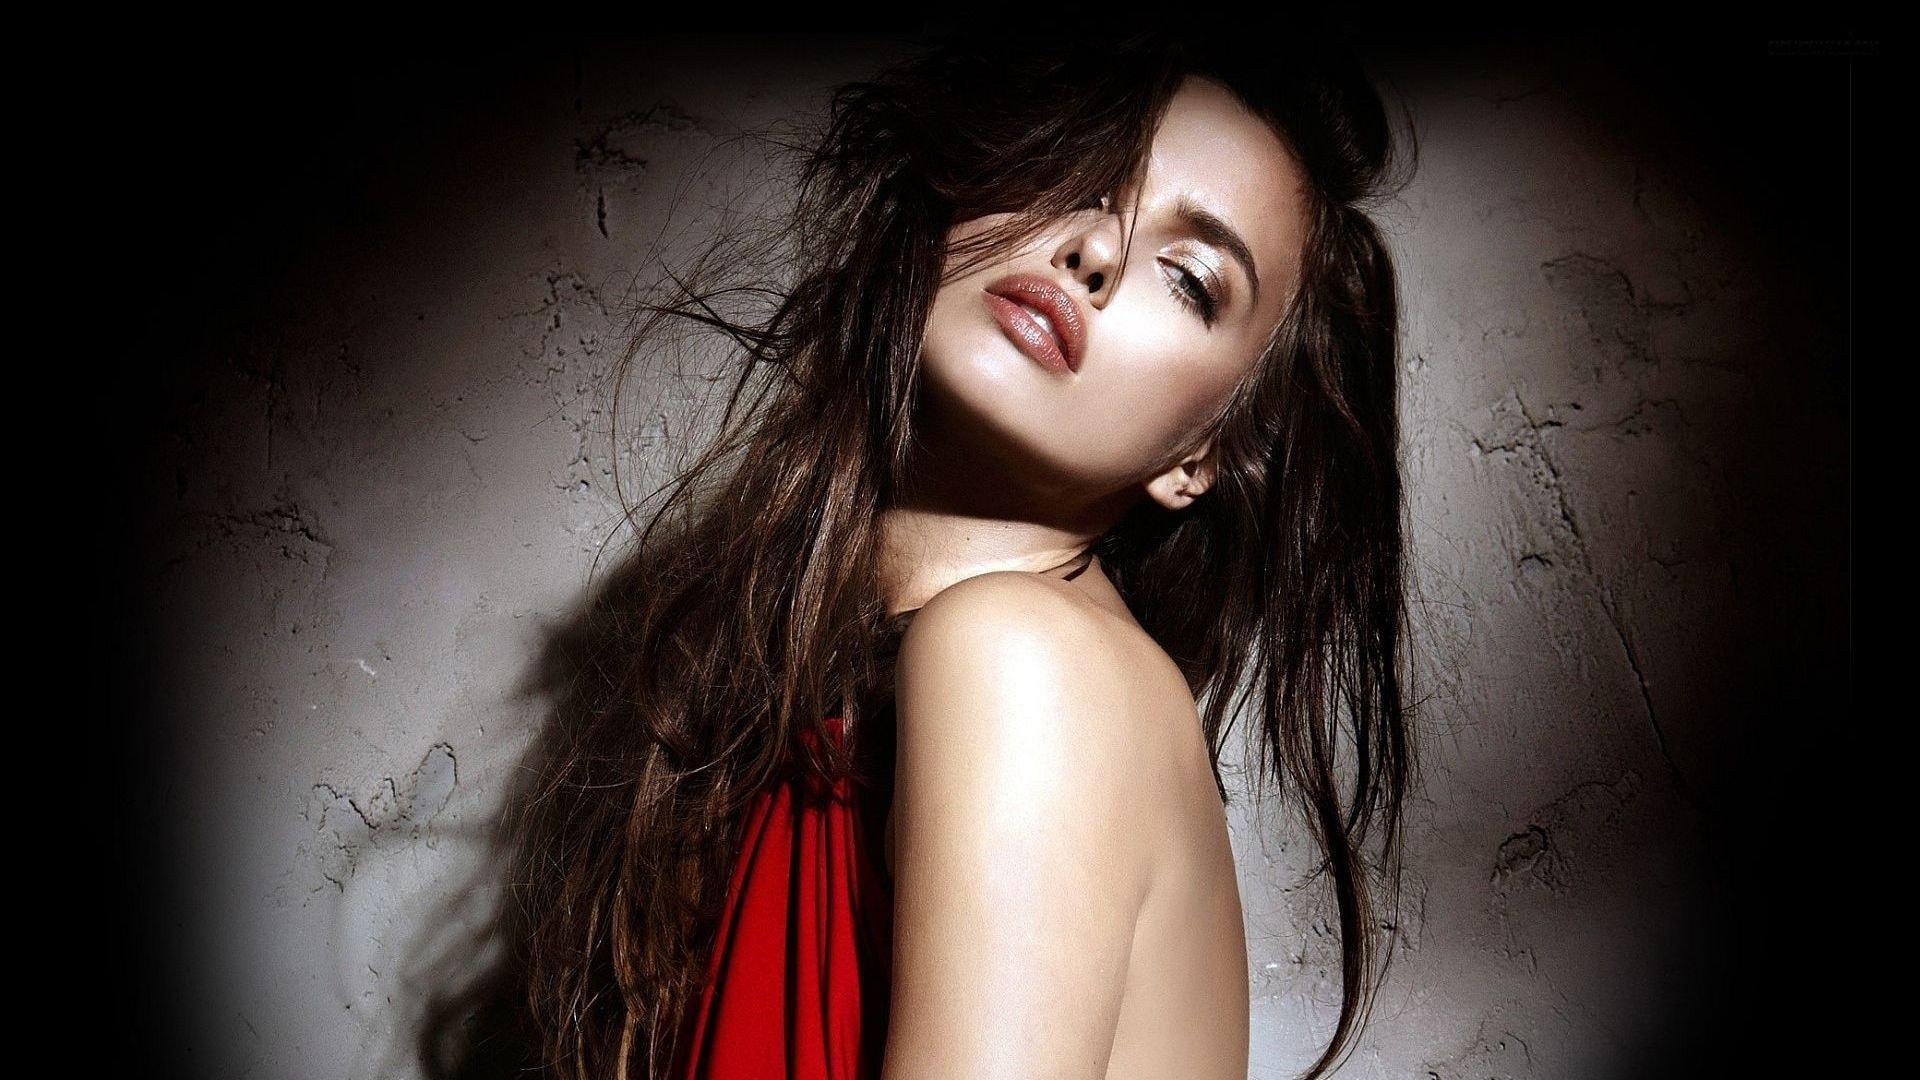 Irina Shayk Wallpapers hd